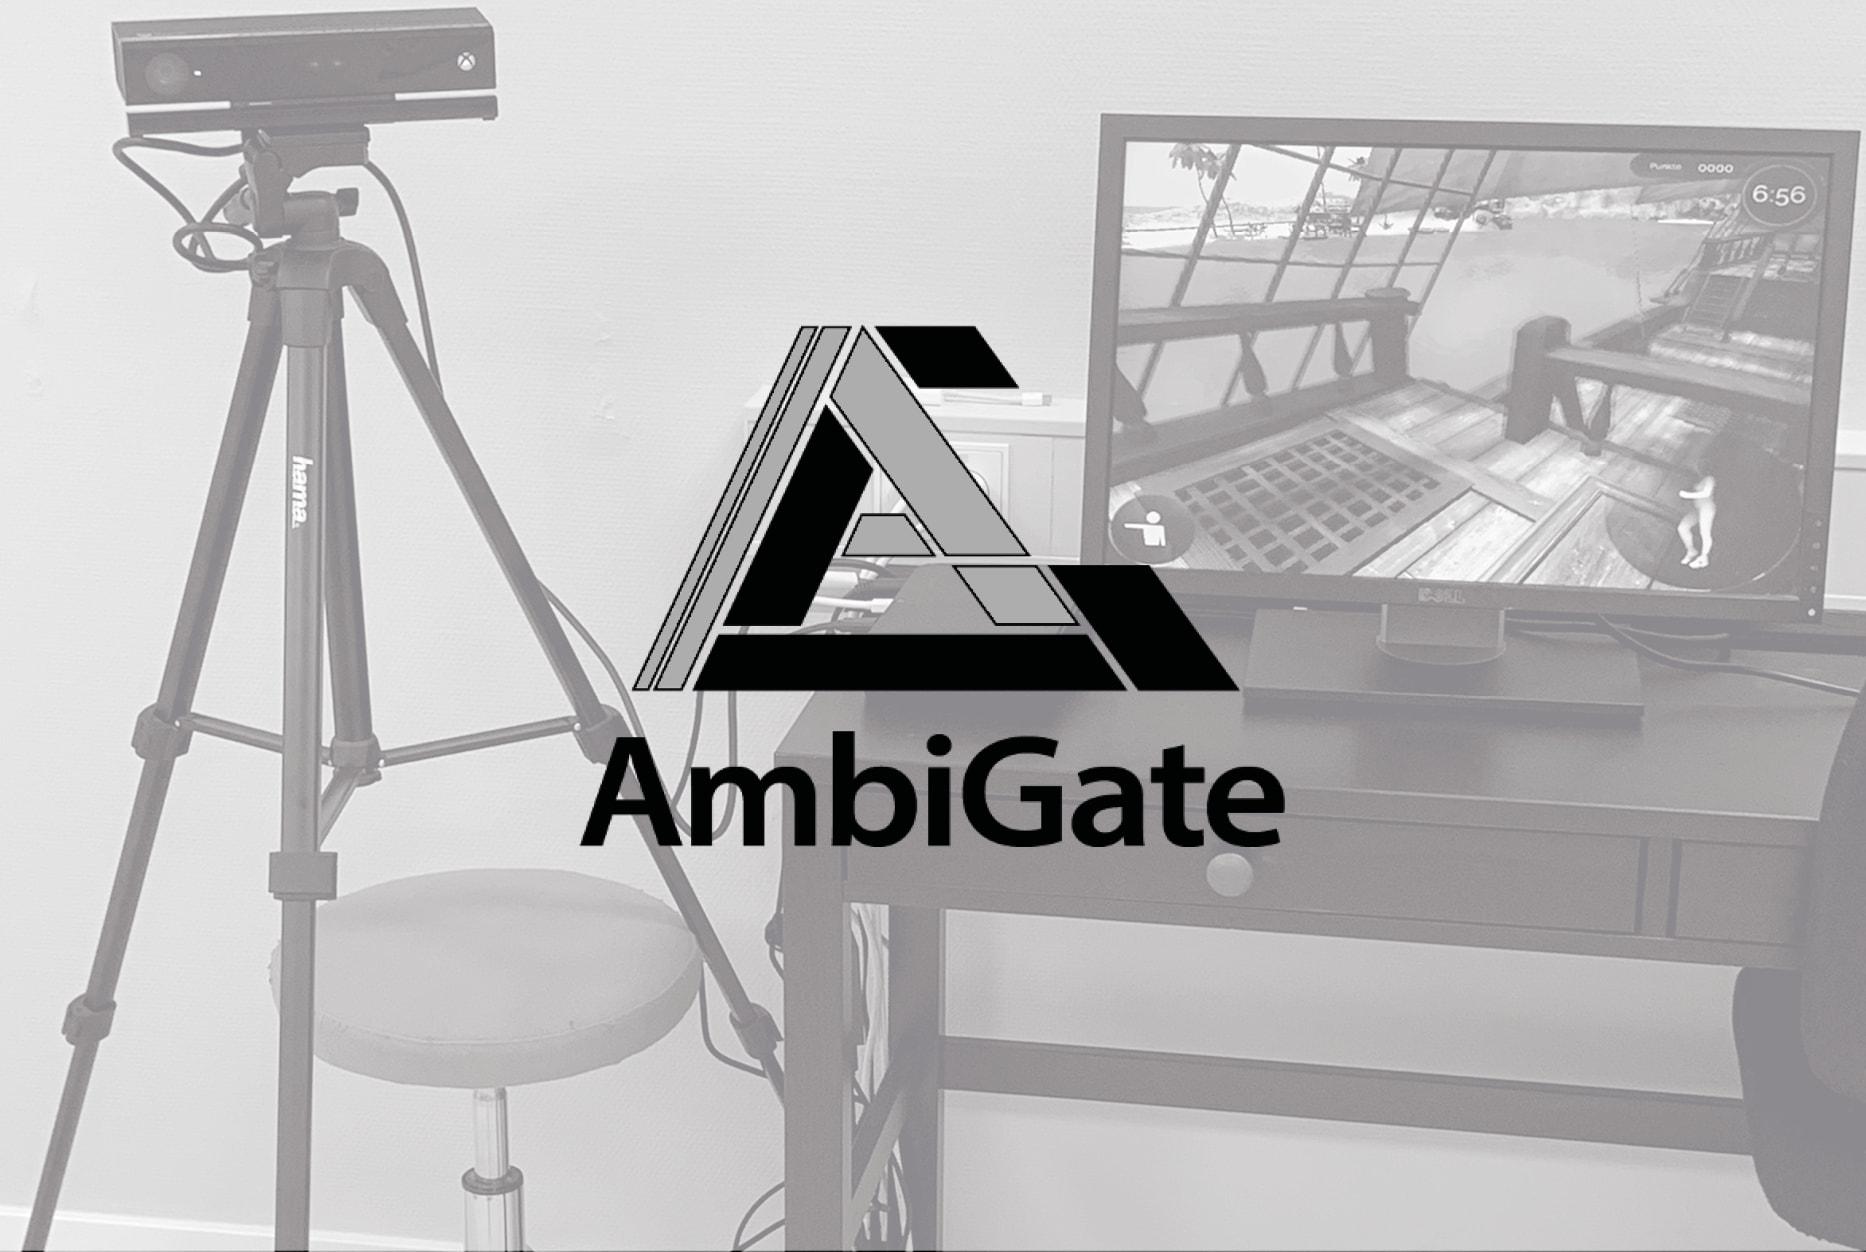 AmbiGate